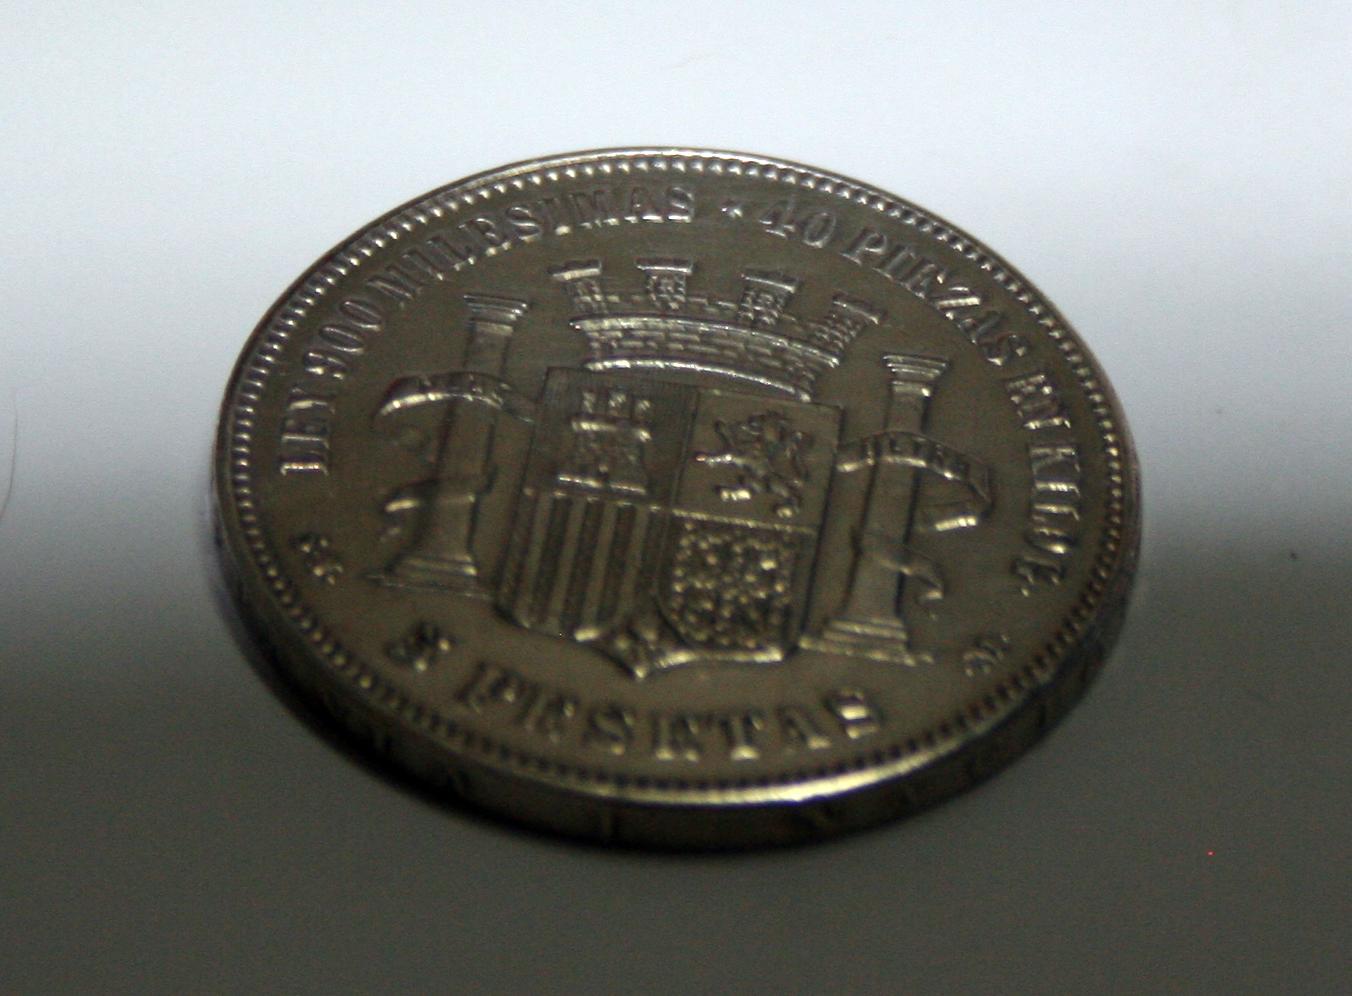 5 pesetas 1870 Falsa de epoca? o ni eso! 16ae4hu